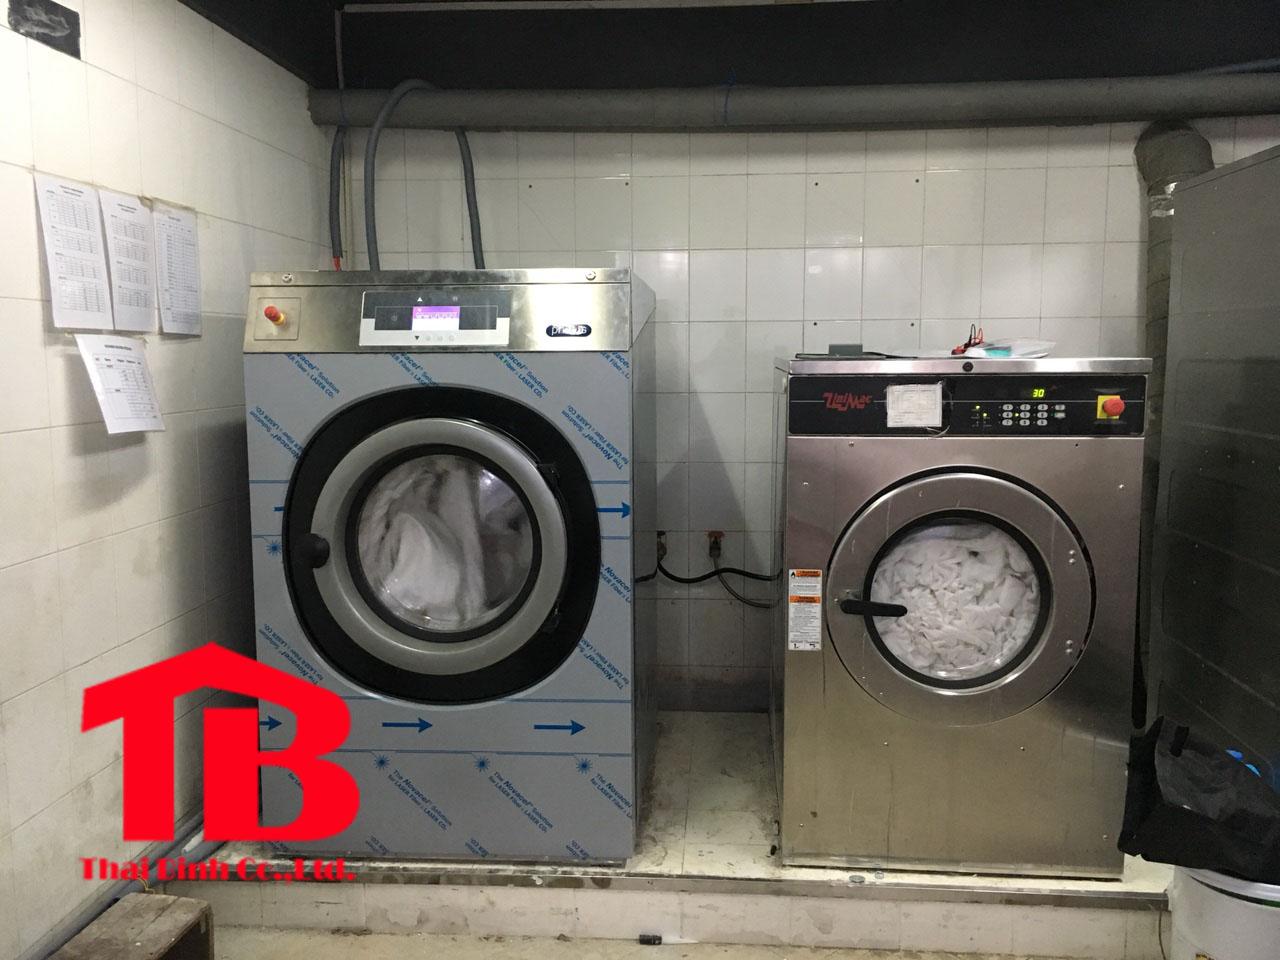 Bán máy giặt là công nghiệp tại Thái Bình